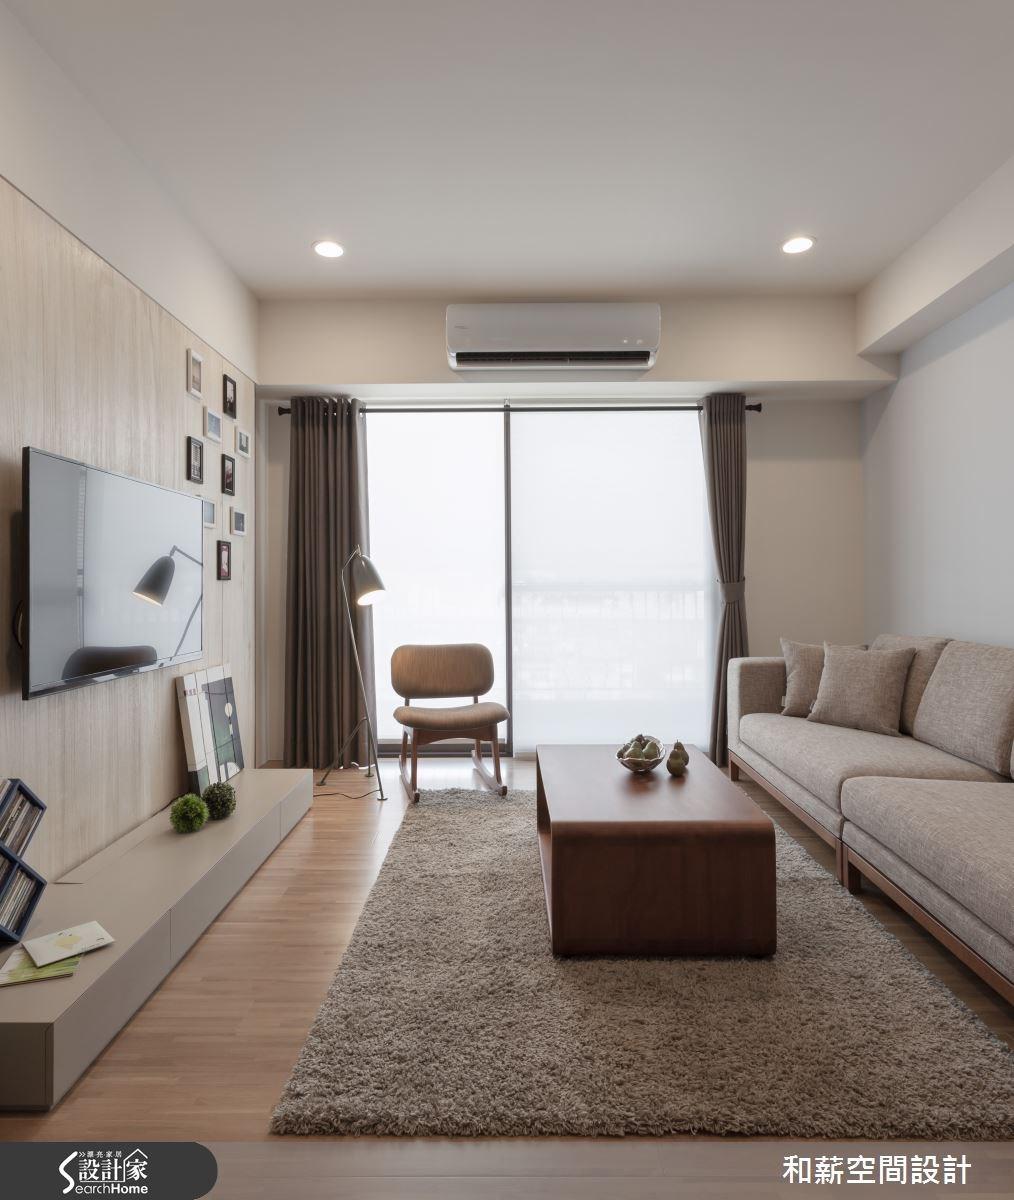 28坪新成屋(5年以下)_混搭風客廳案例圖片_和薪室內裝修設計有限公司_和薪_04之4